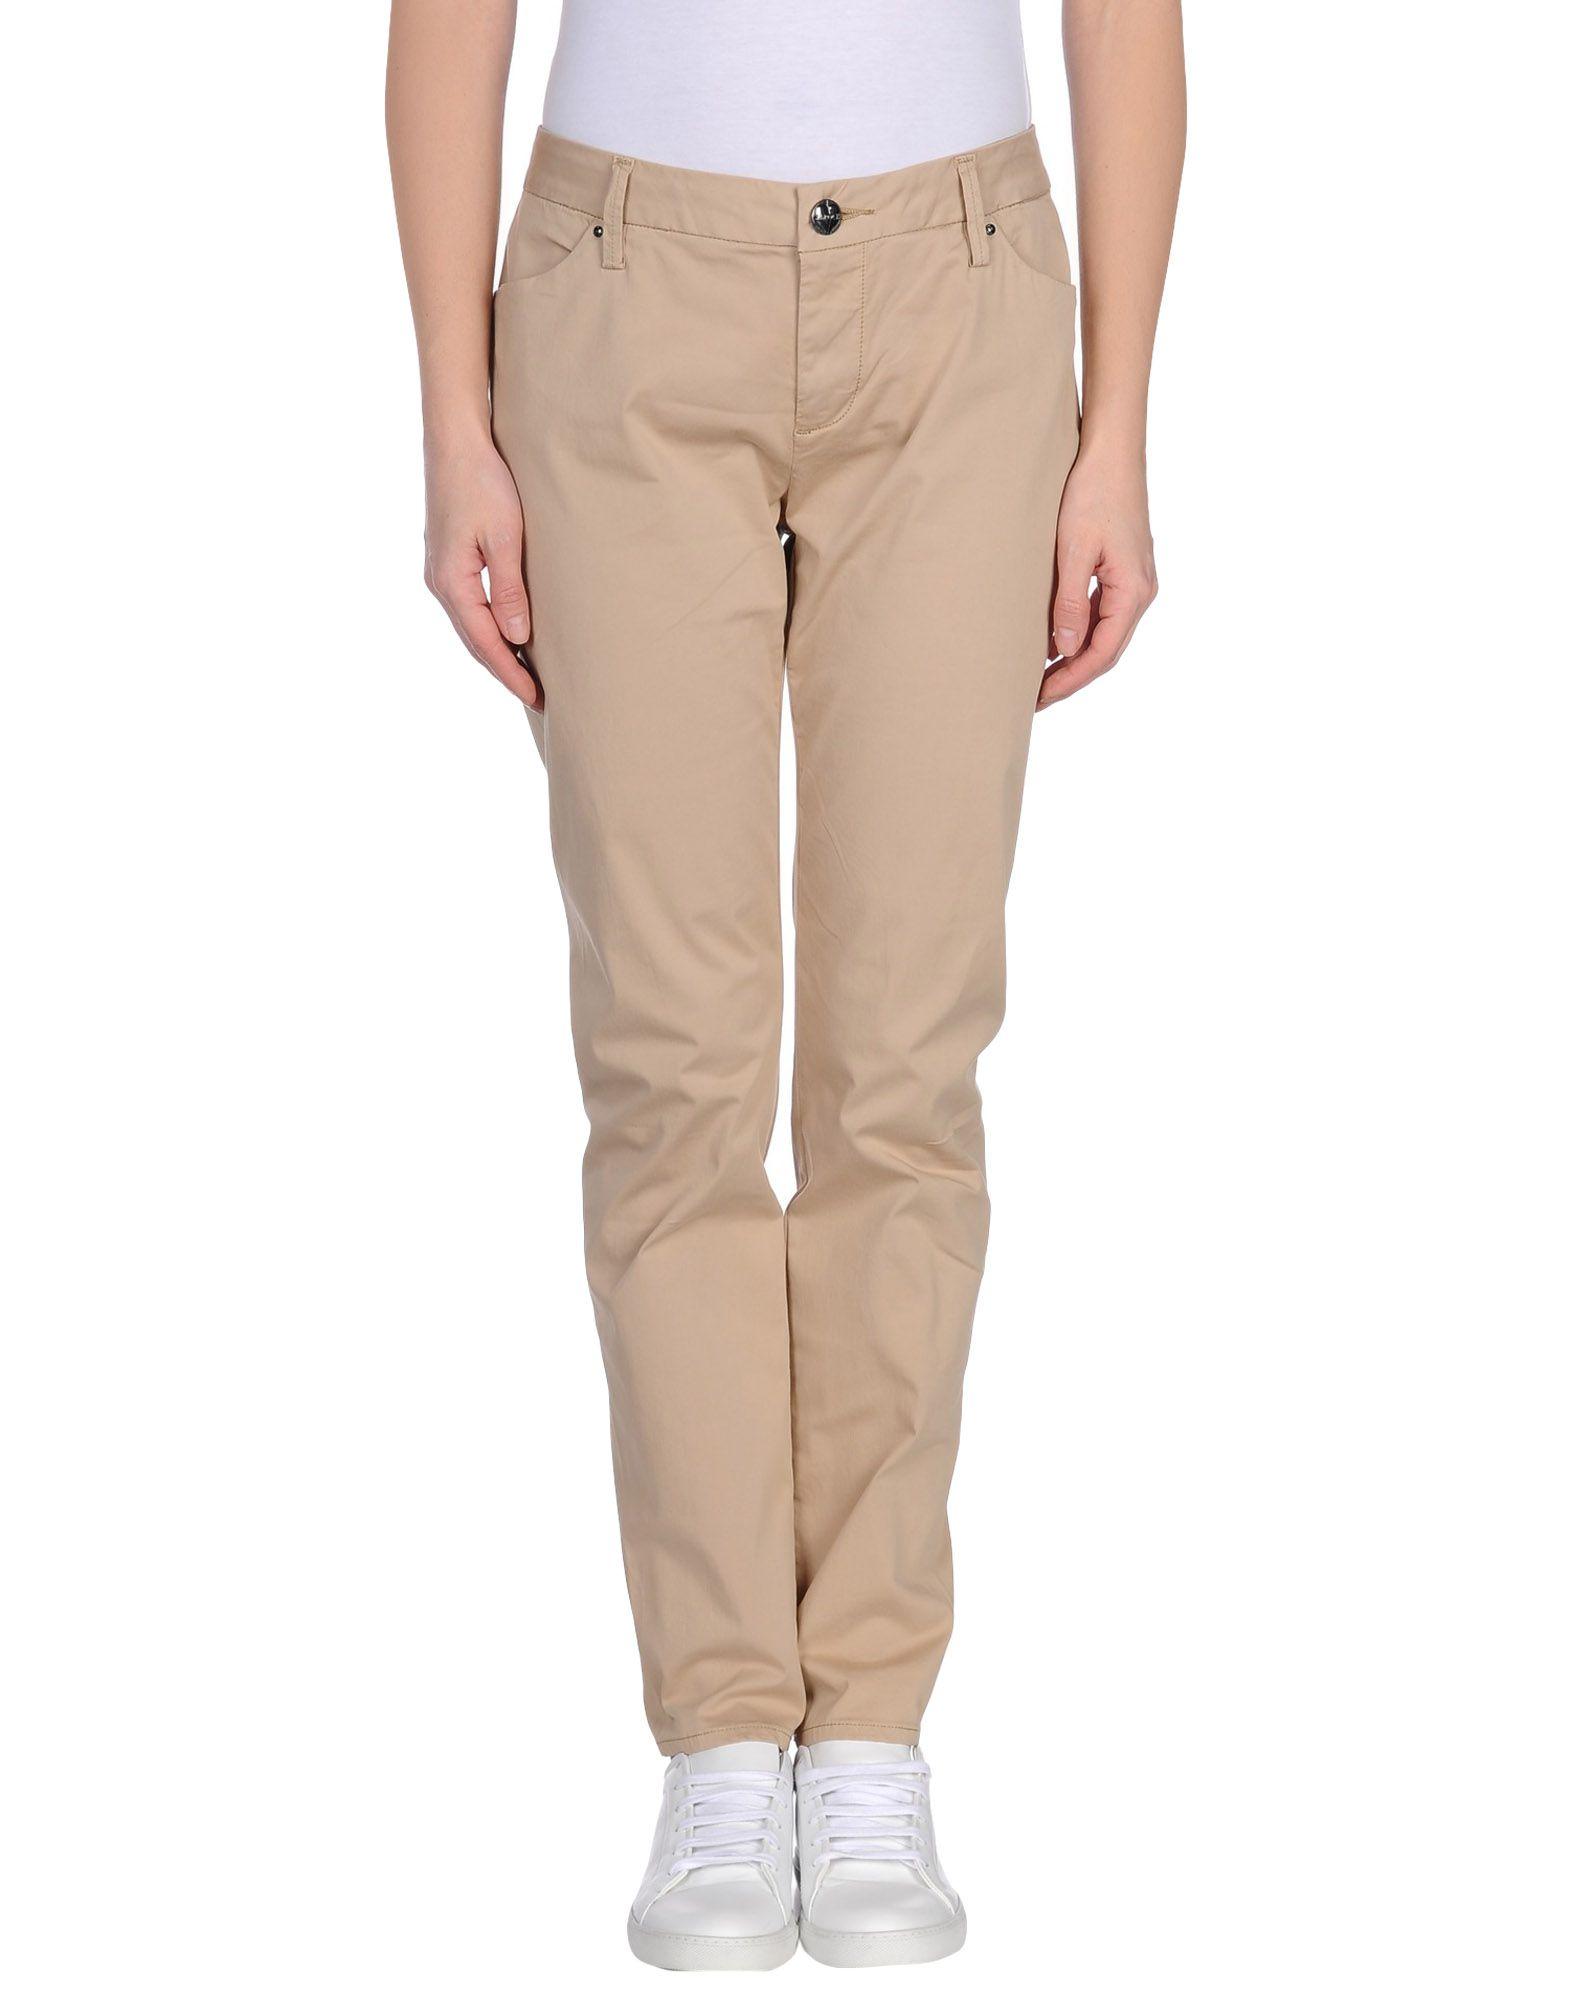 купить LEROCK Повседневные брюки по цене 4500 рублей